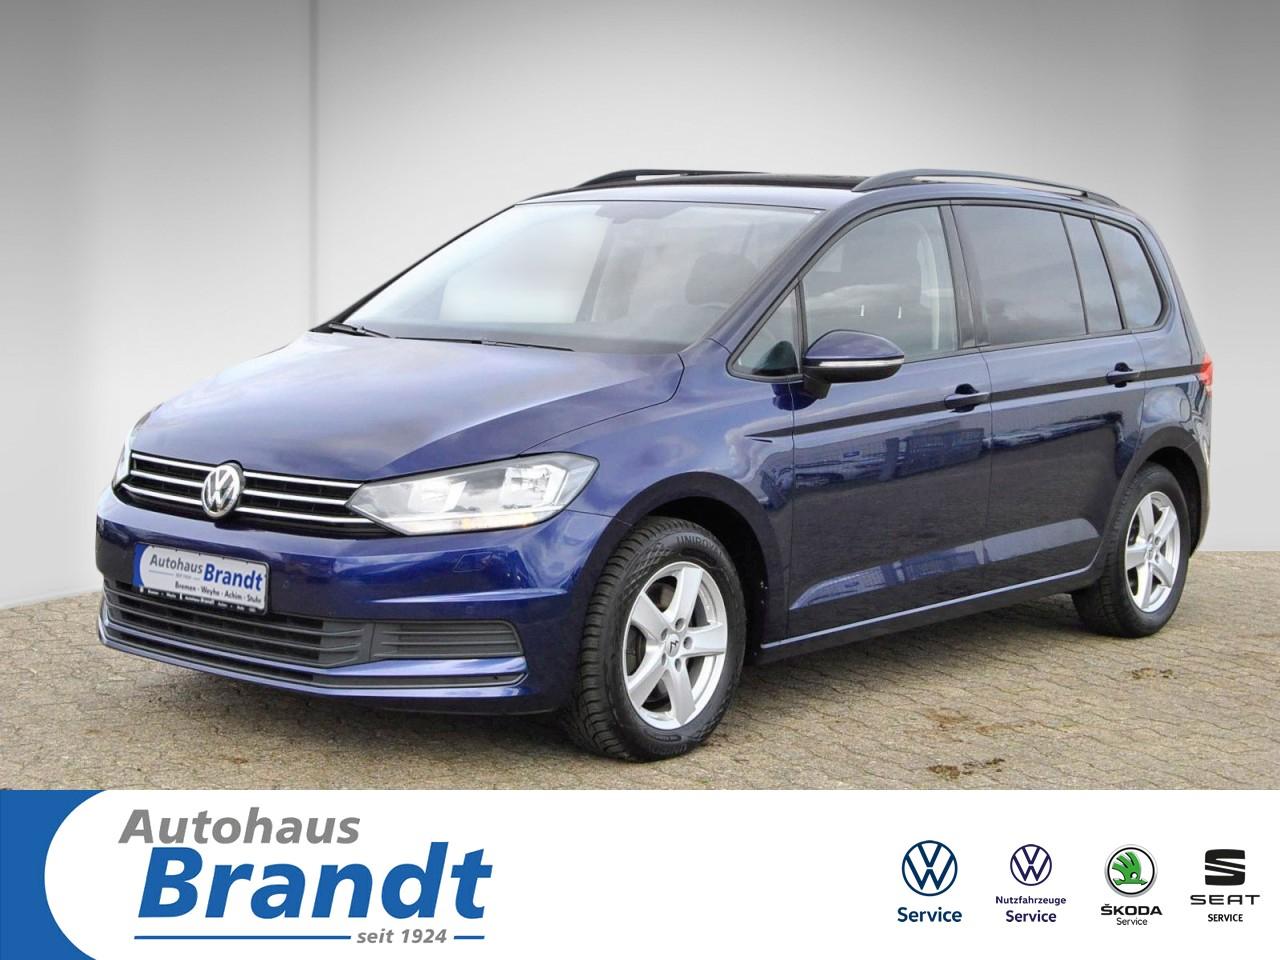 Volkswagen Touran 2.0 TDI Comfortline NAVI*ACC Klima Navi, Jahr 2017, Diesel